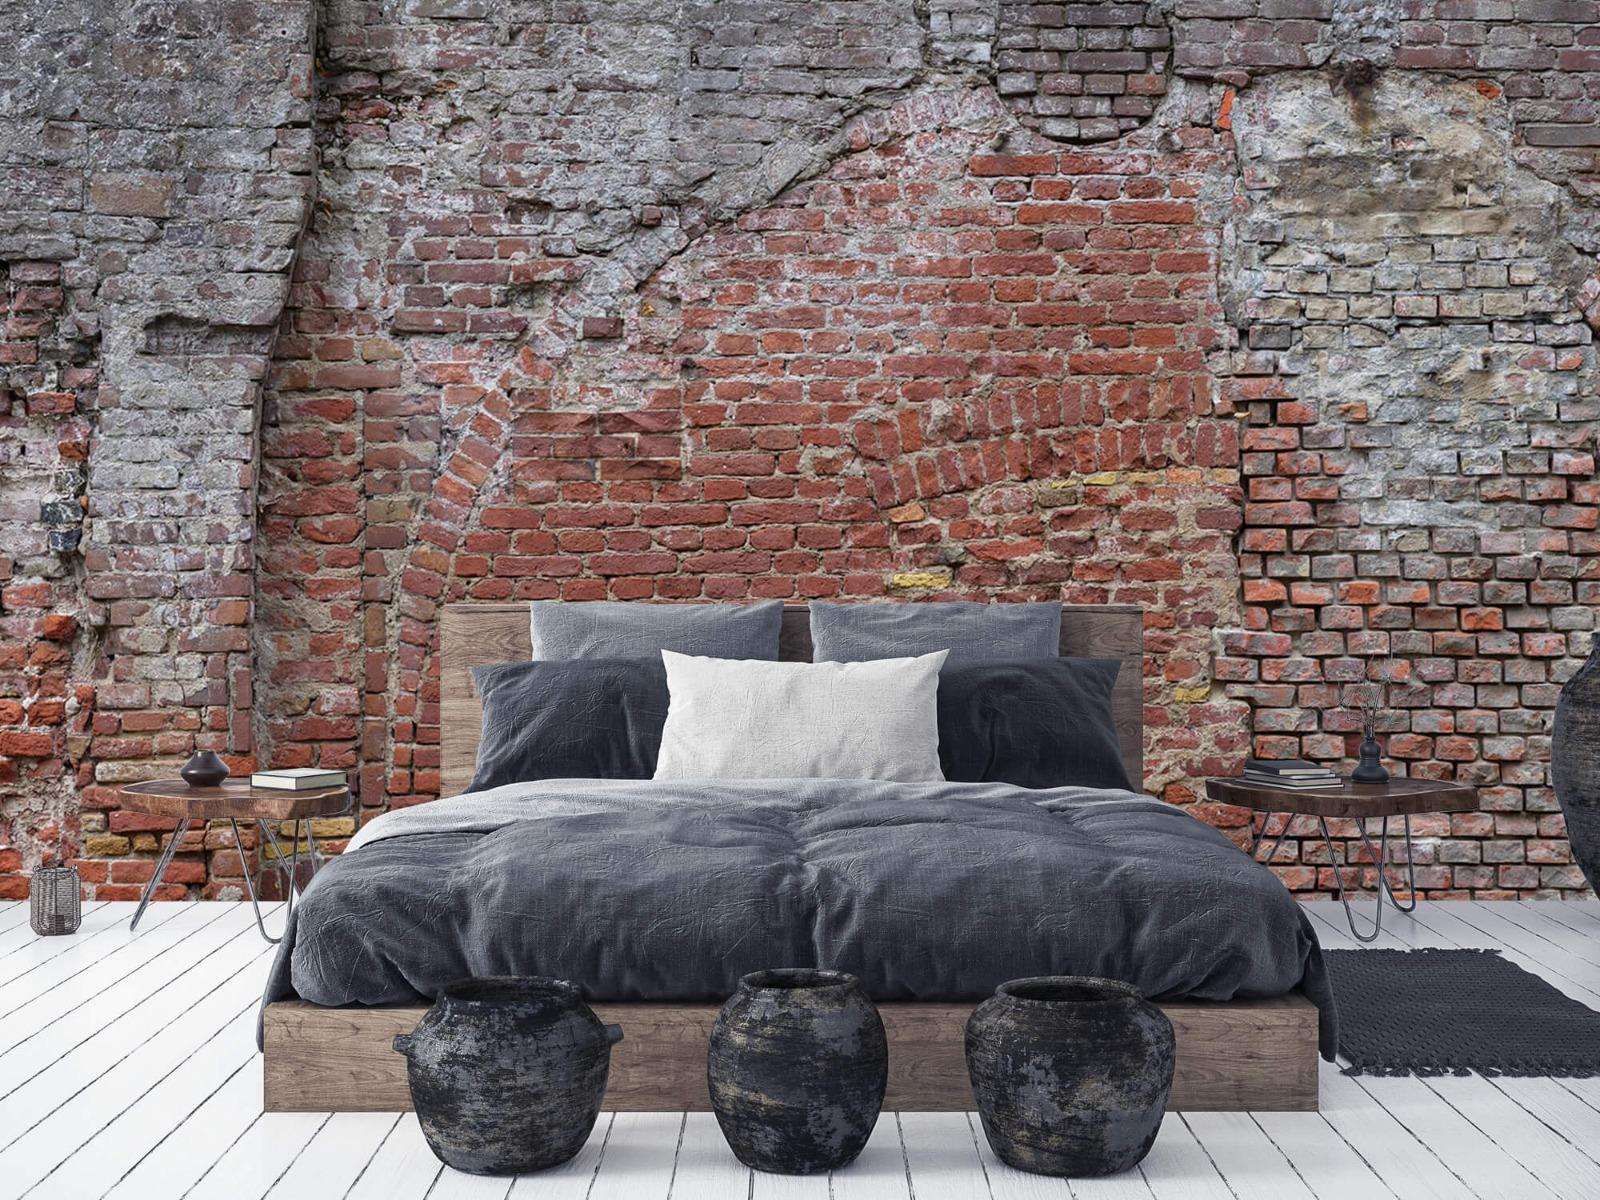 Steen behang - Oude herstelde stadsmuur - Tienerkamer 2